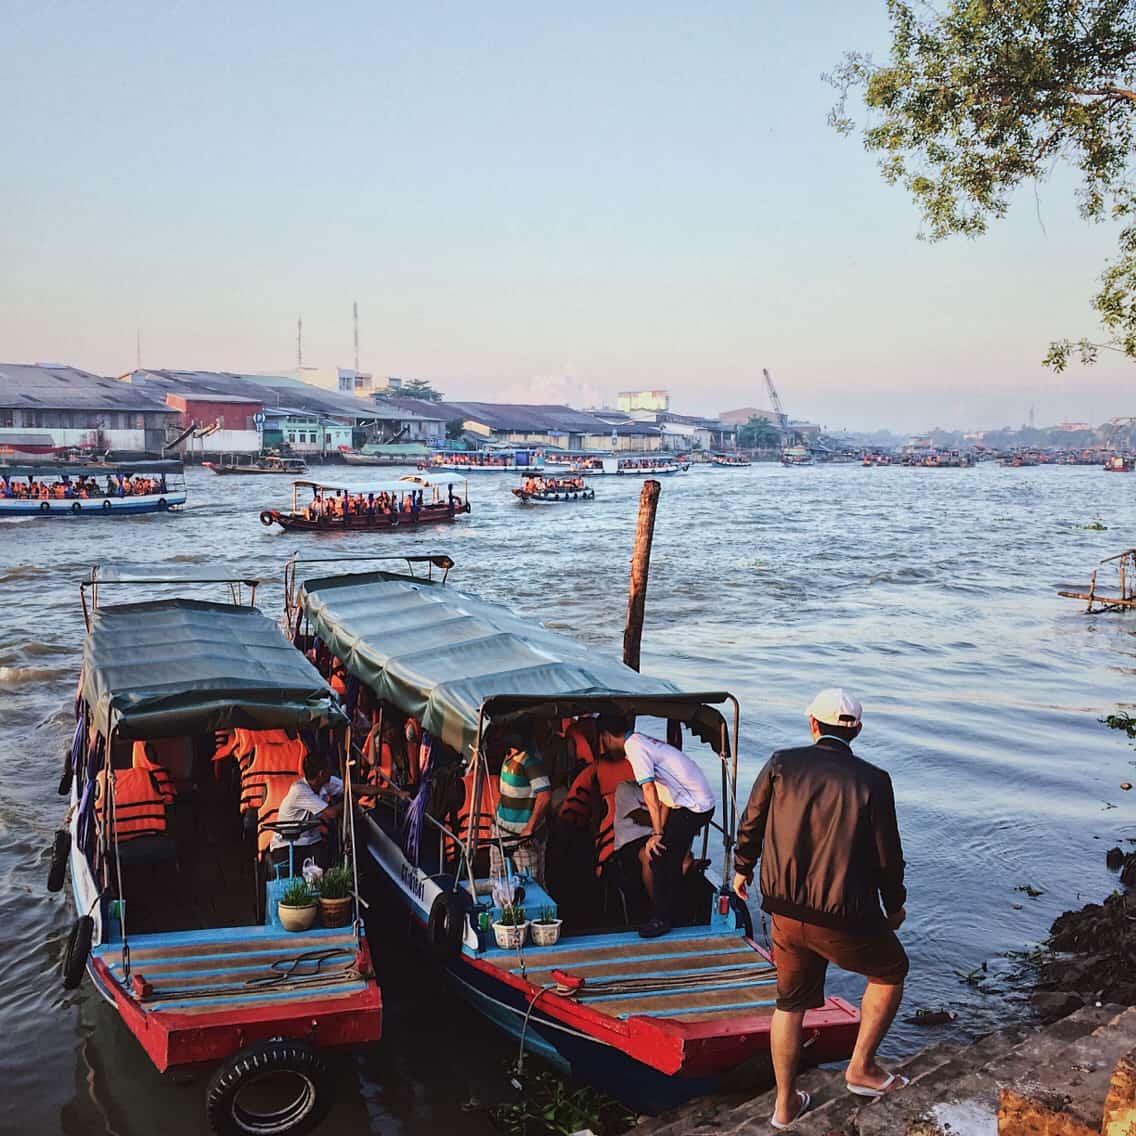 Ngồi trên các ghe thuyền để cảm nhận thật sống đống chợ nổi Cái Răng